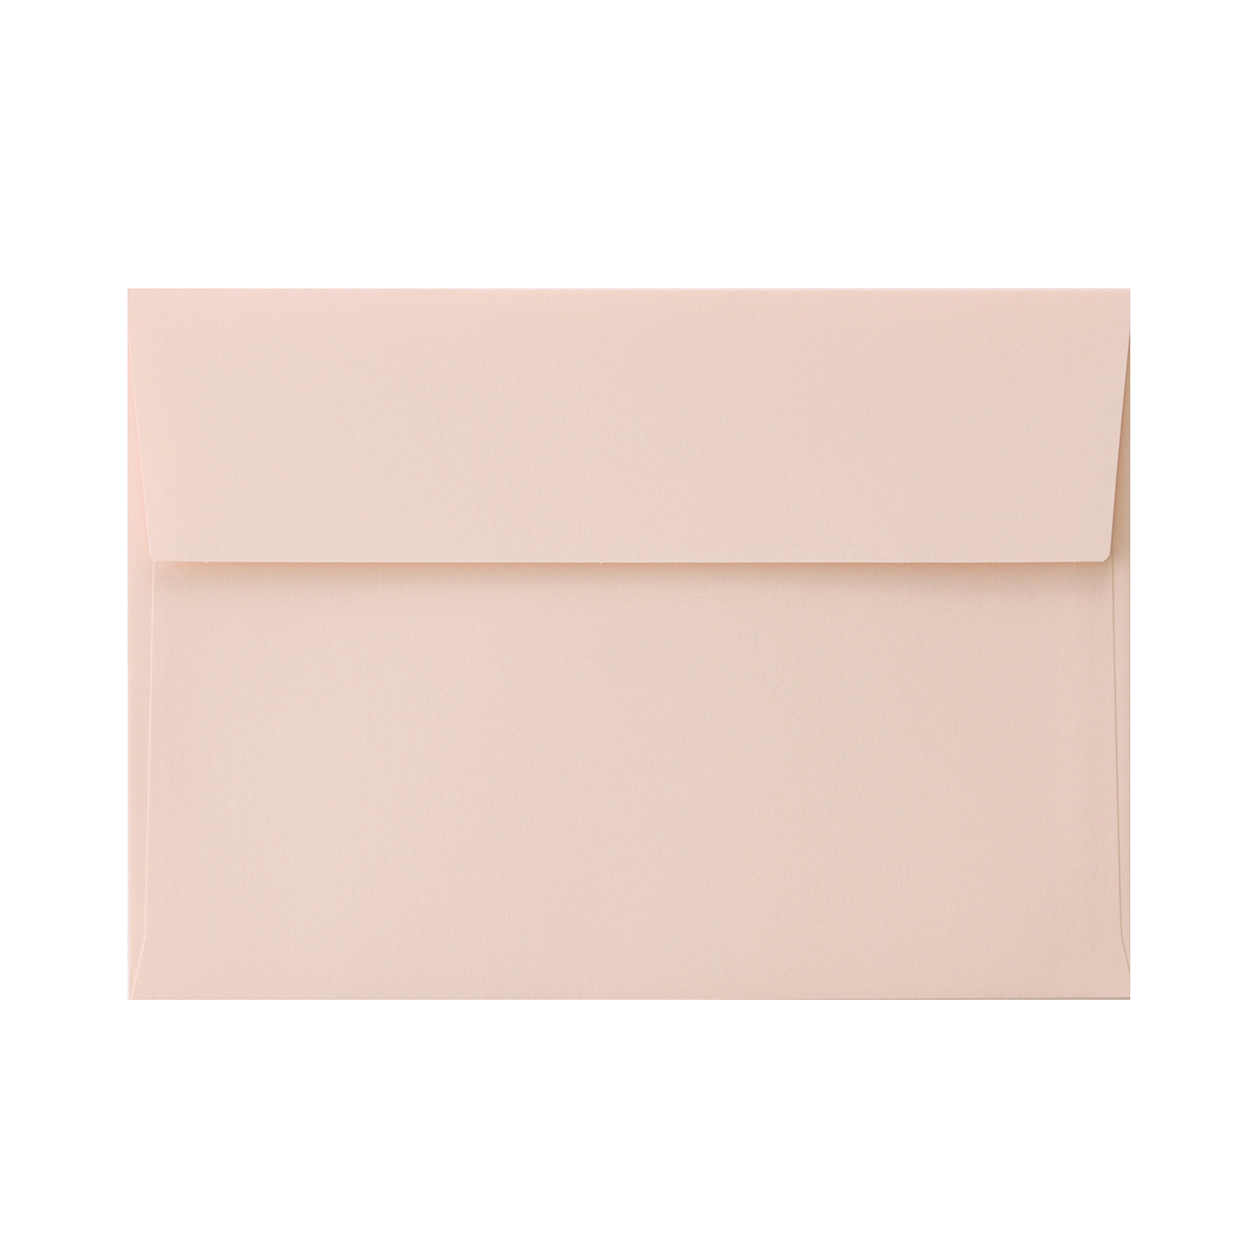 角6カマス封筒 コットン ピンク 116.3g